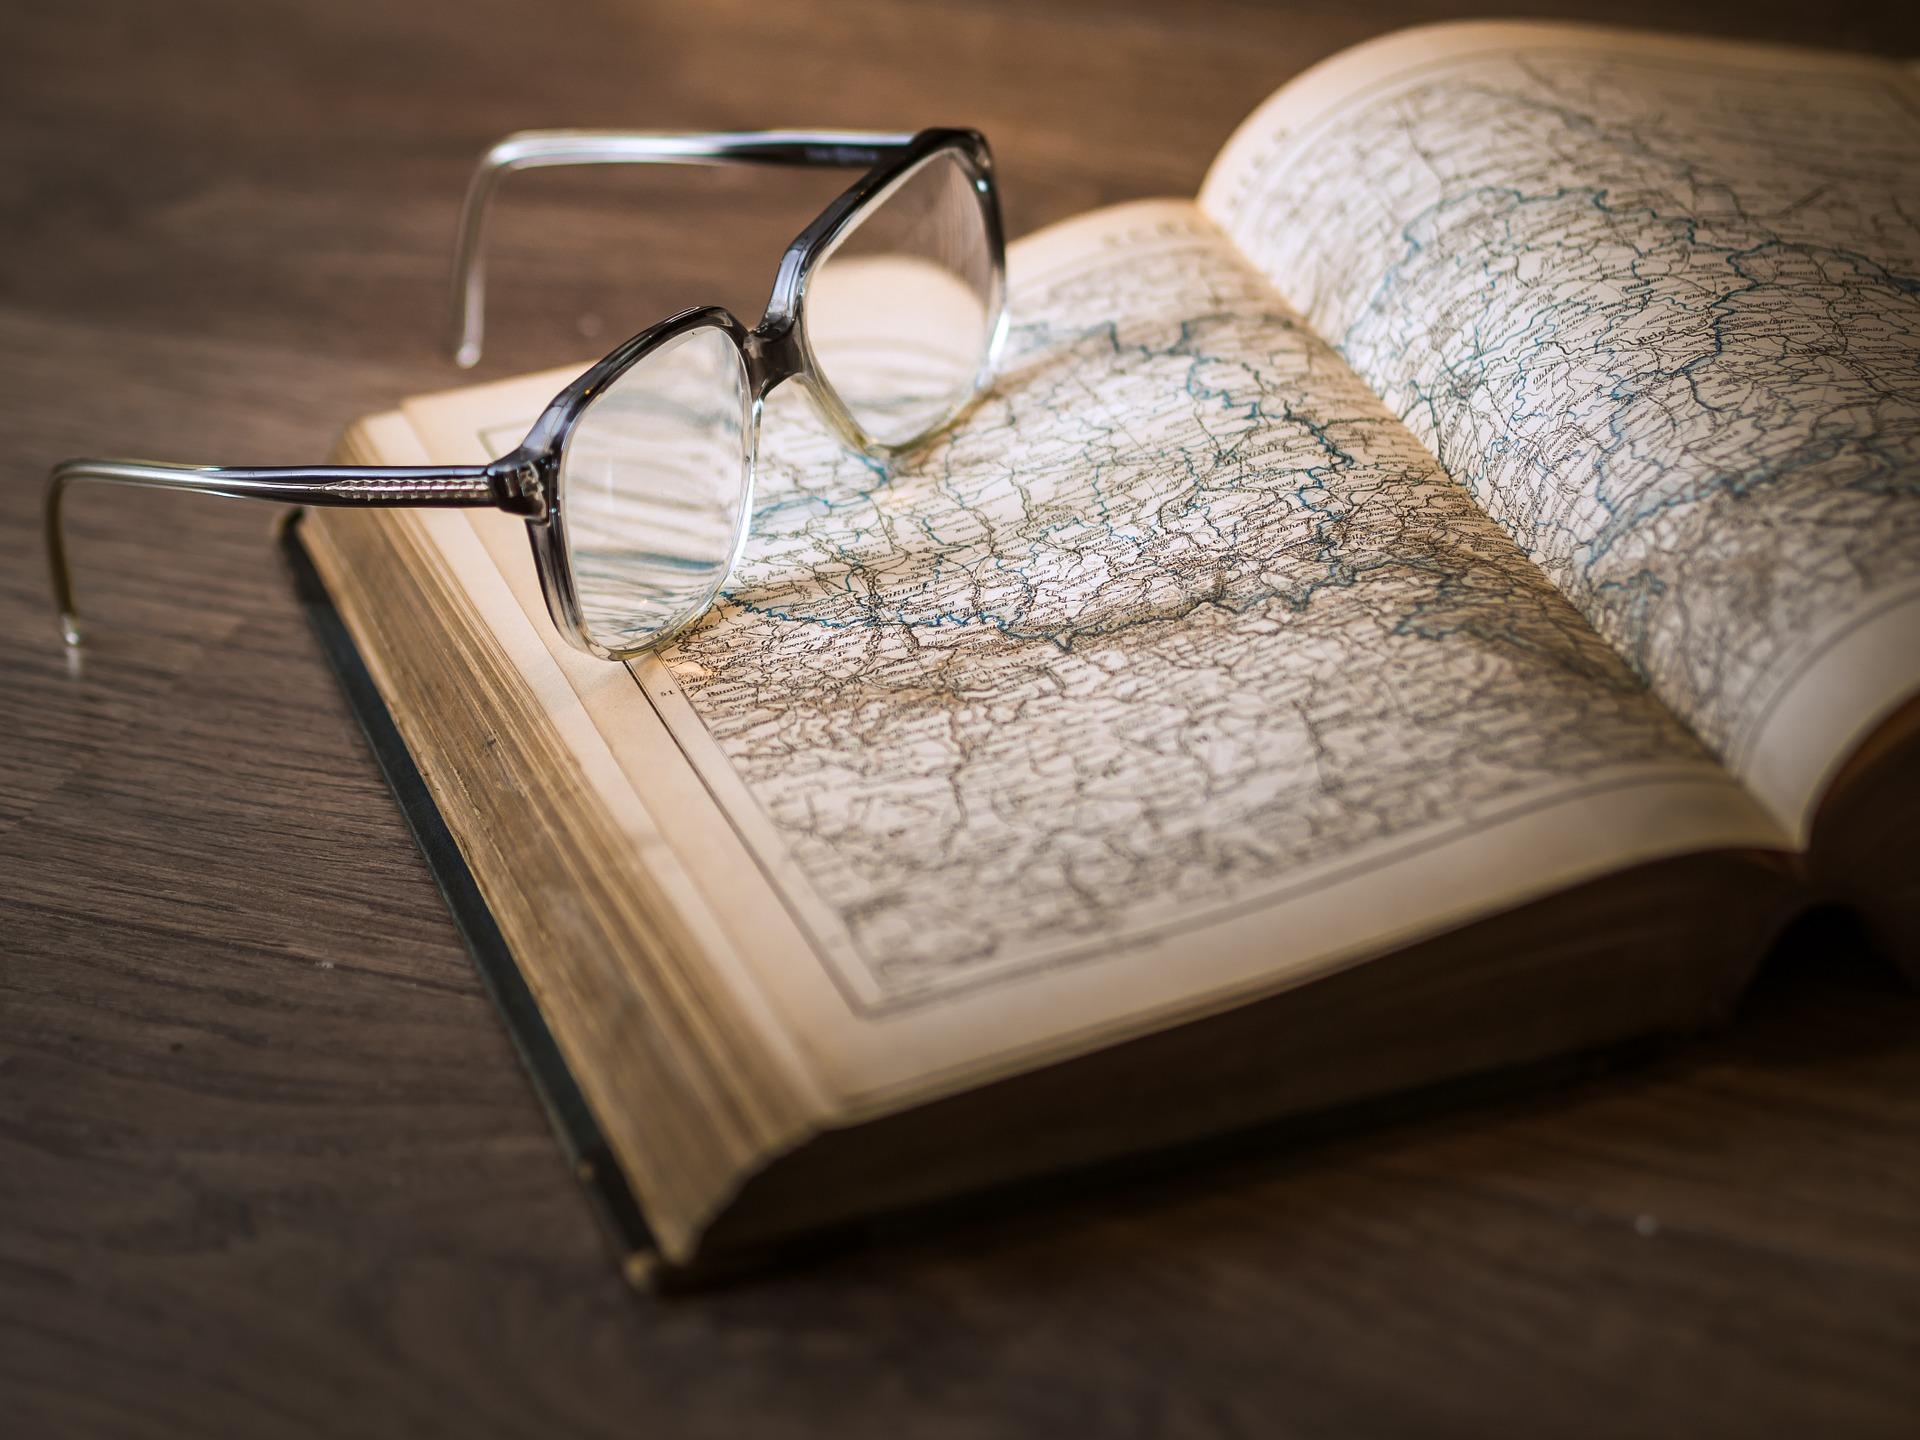 學習地圖:退休再學習,豐富資源任你挑